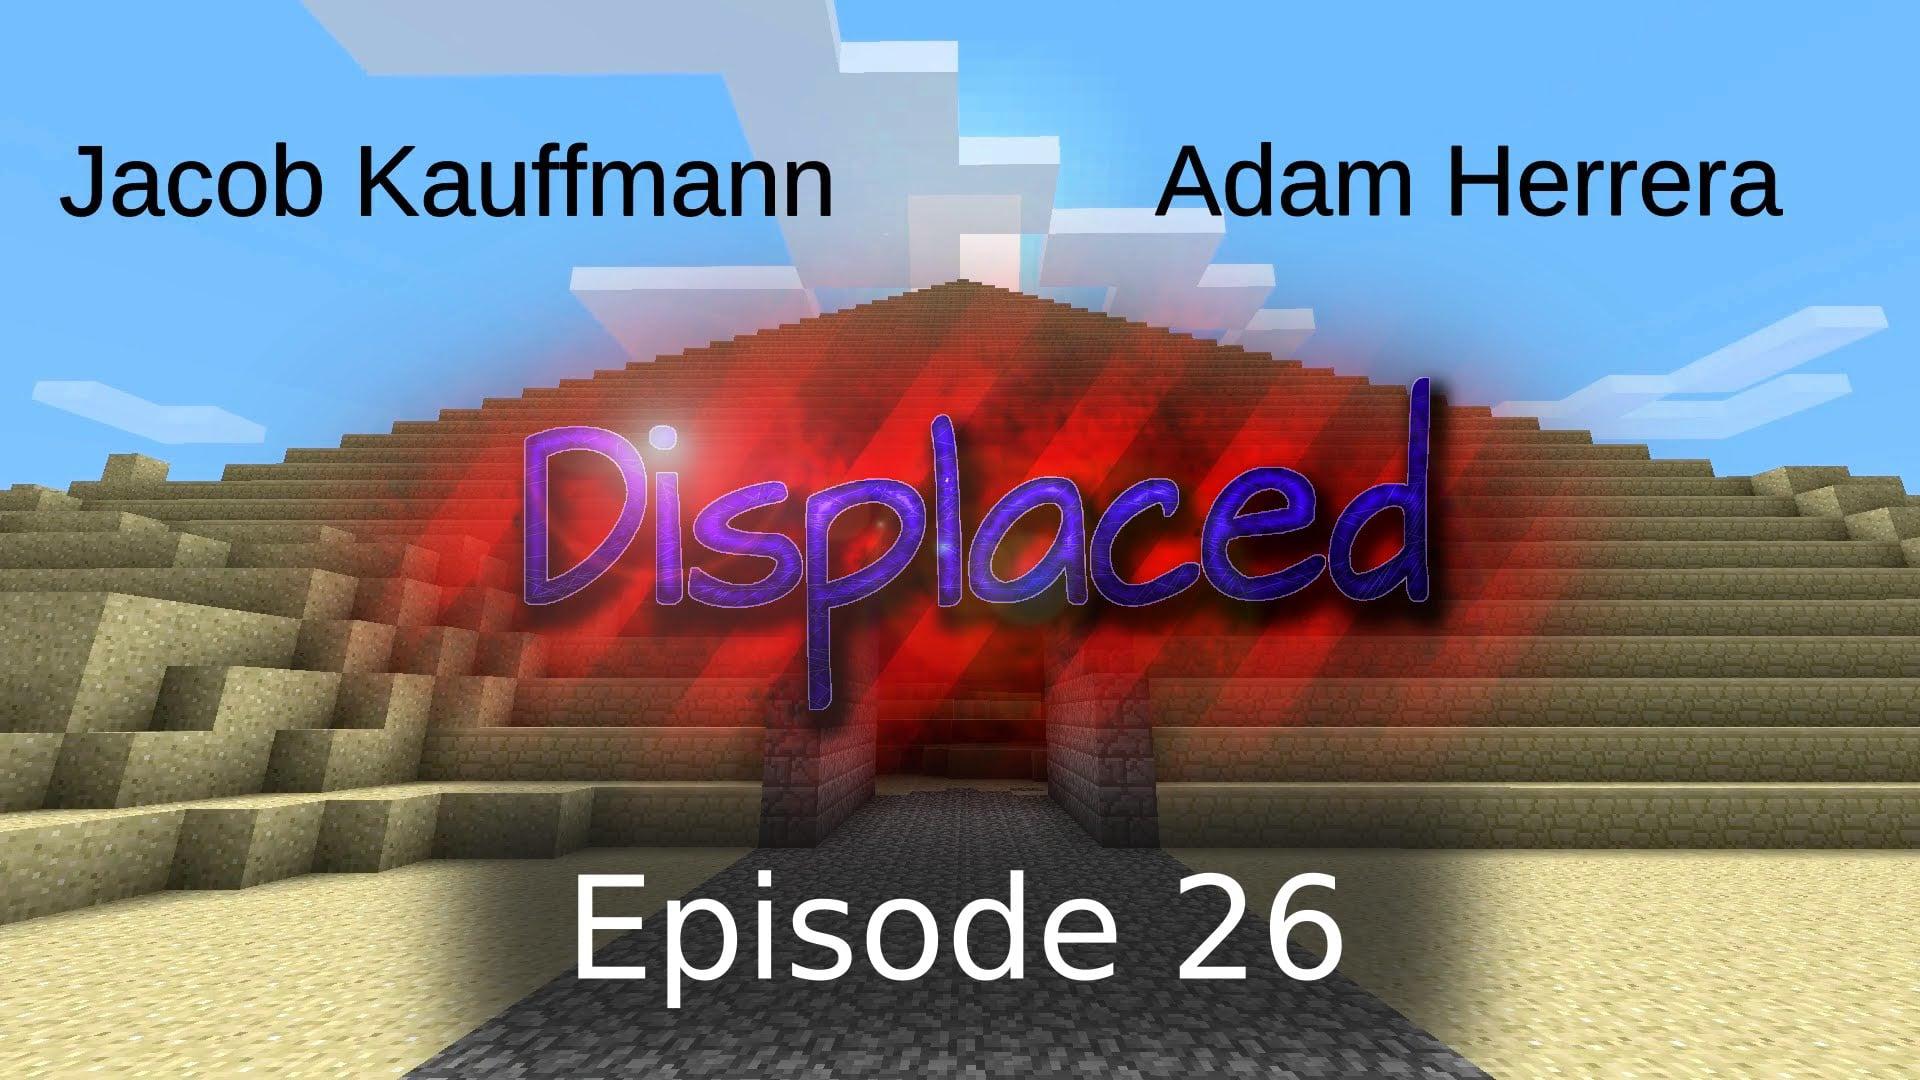 Episode 26 - Displaced